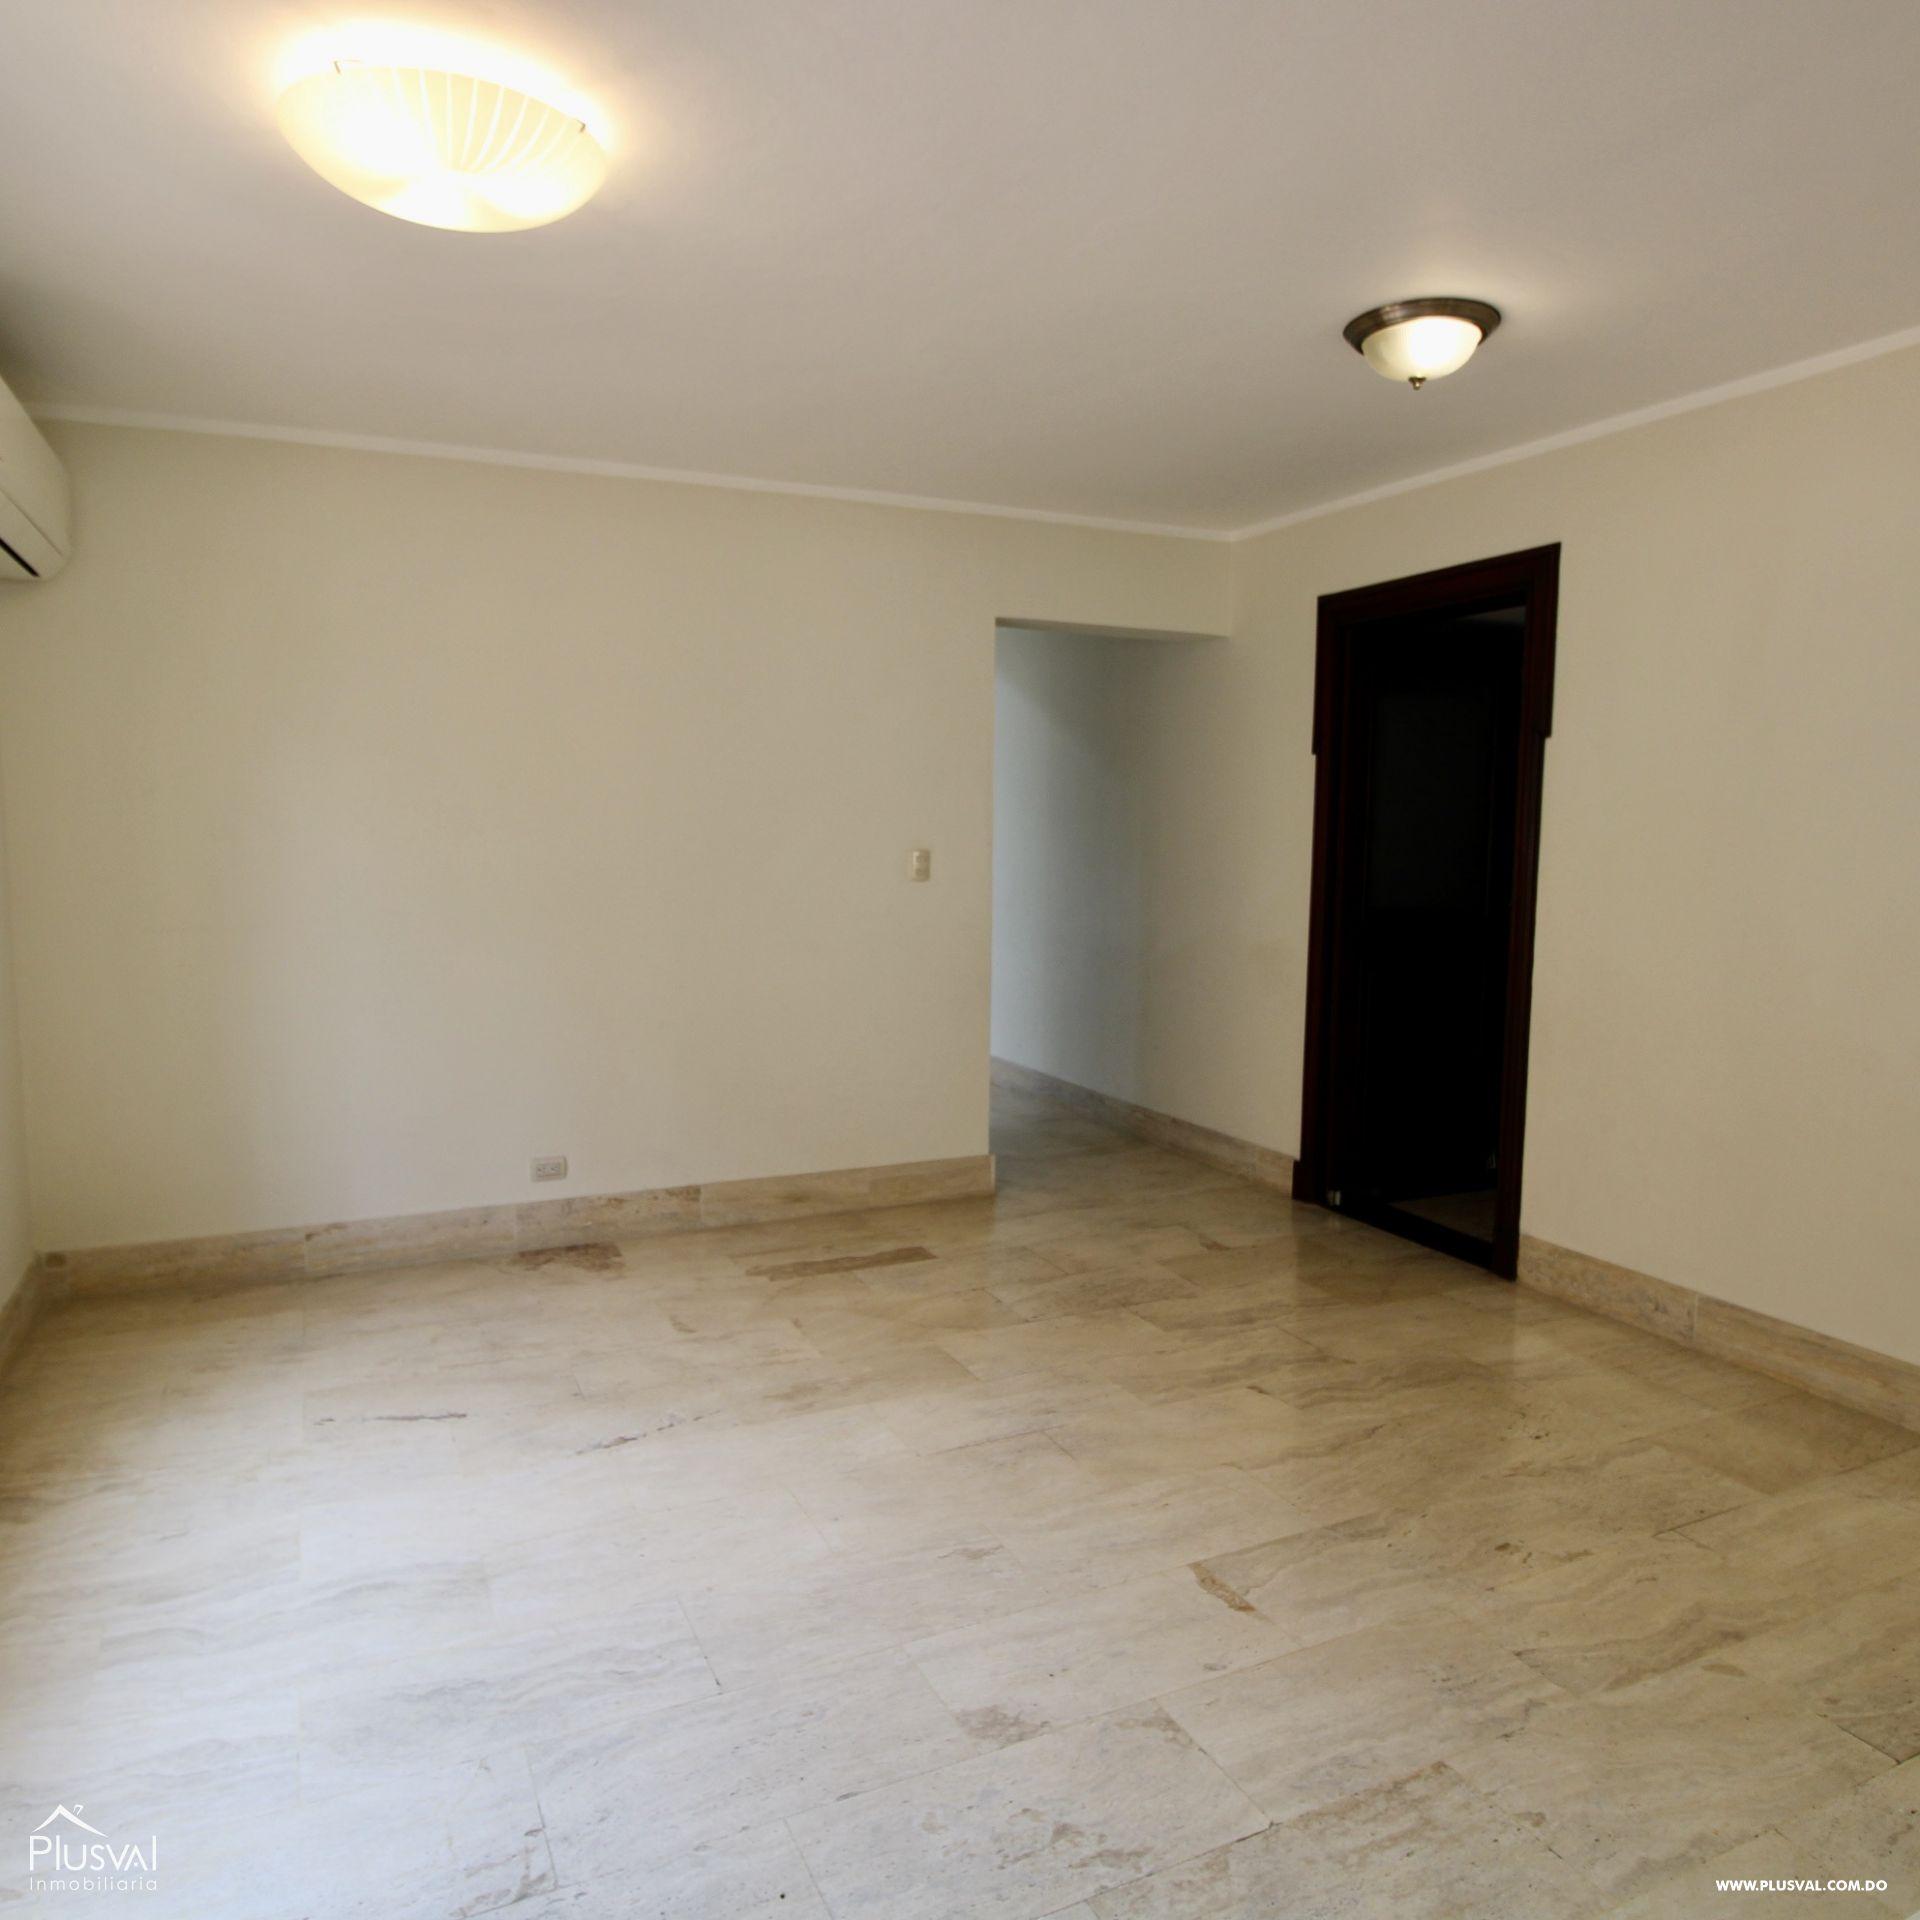 Casa en alquiler, Julieta 148038